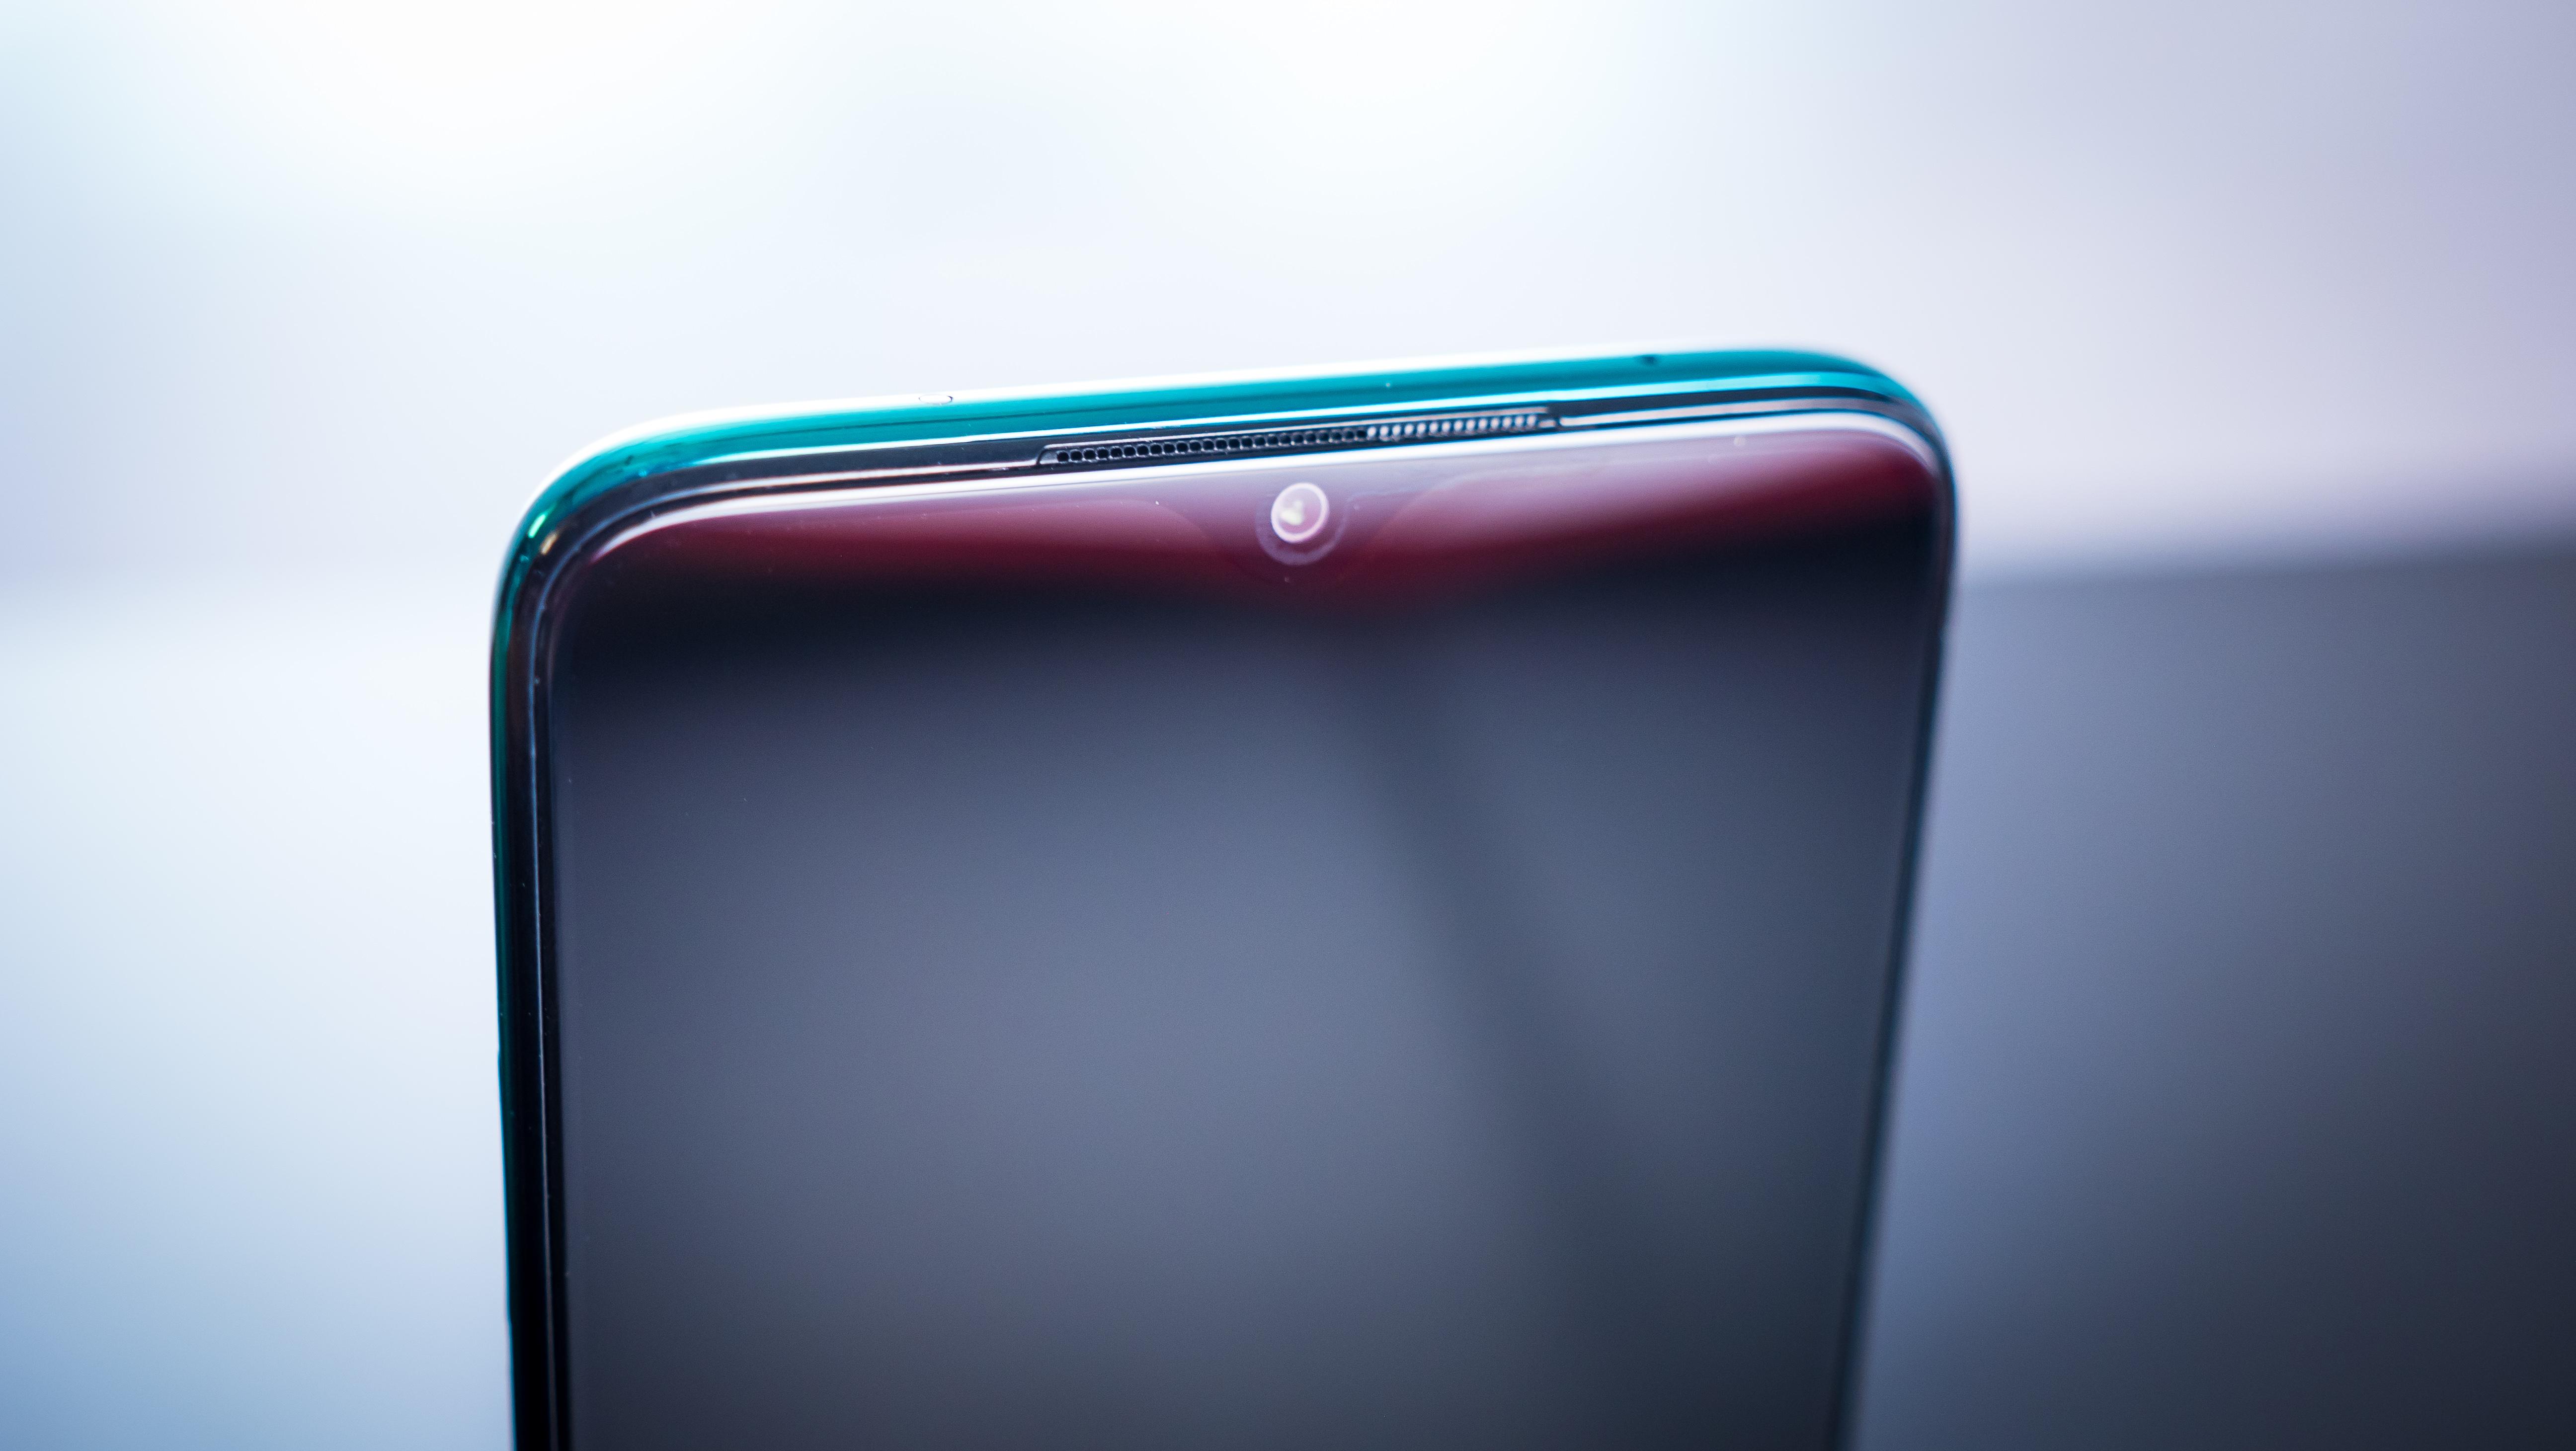 Falt-Handy von Xiaomi: Das richtige Vorbild gewählt?